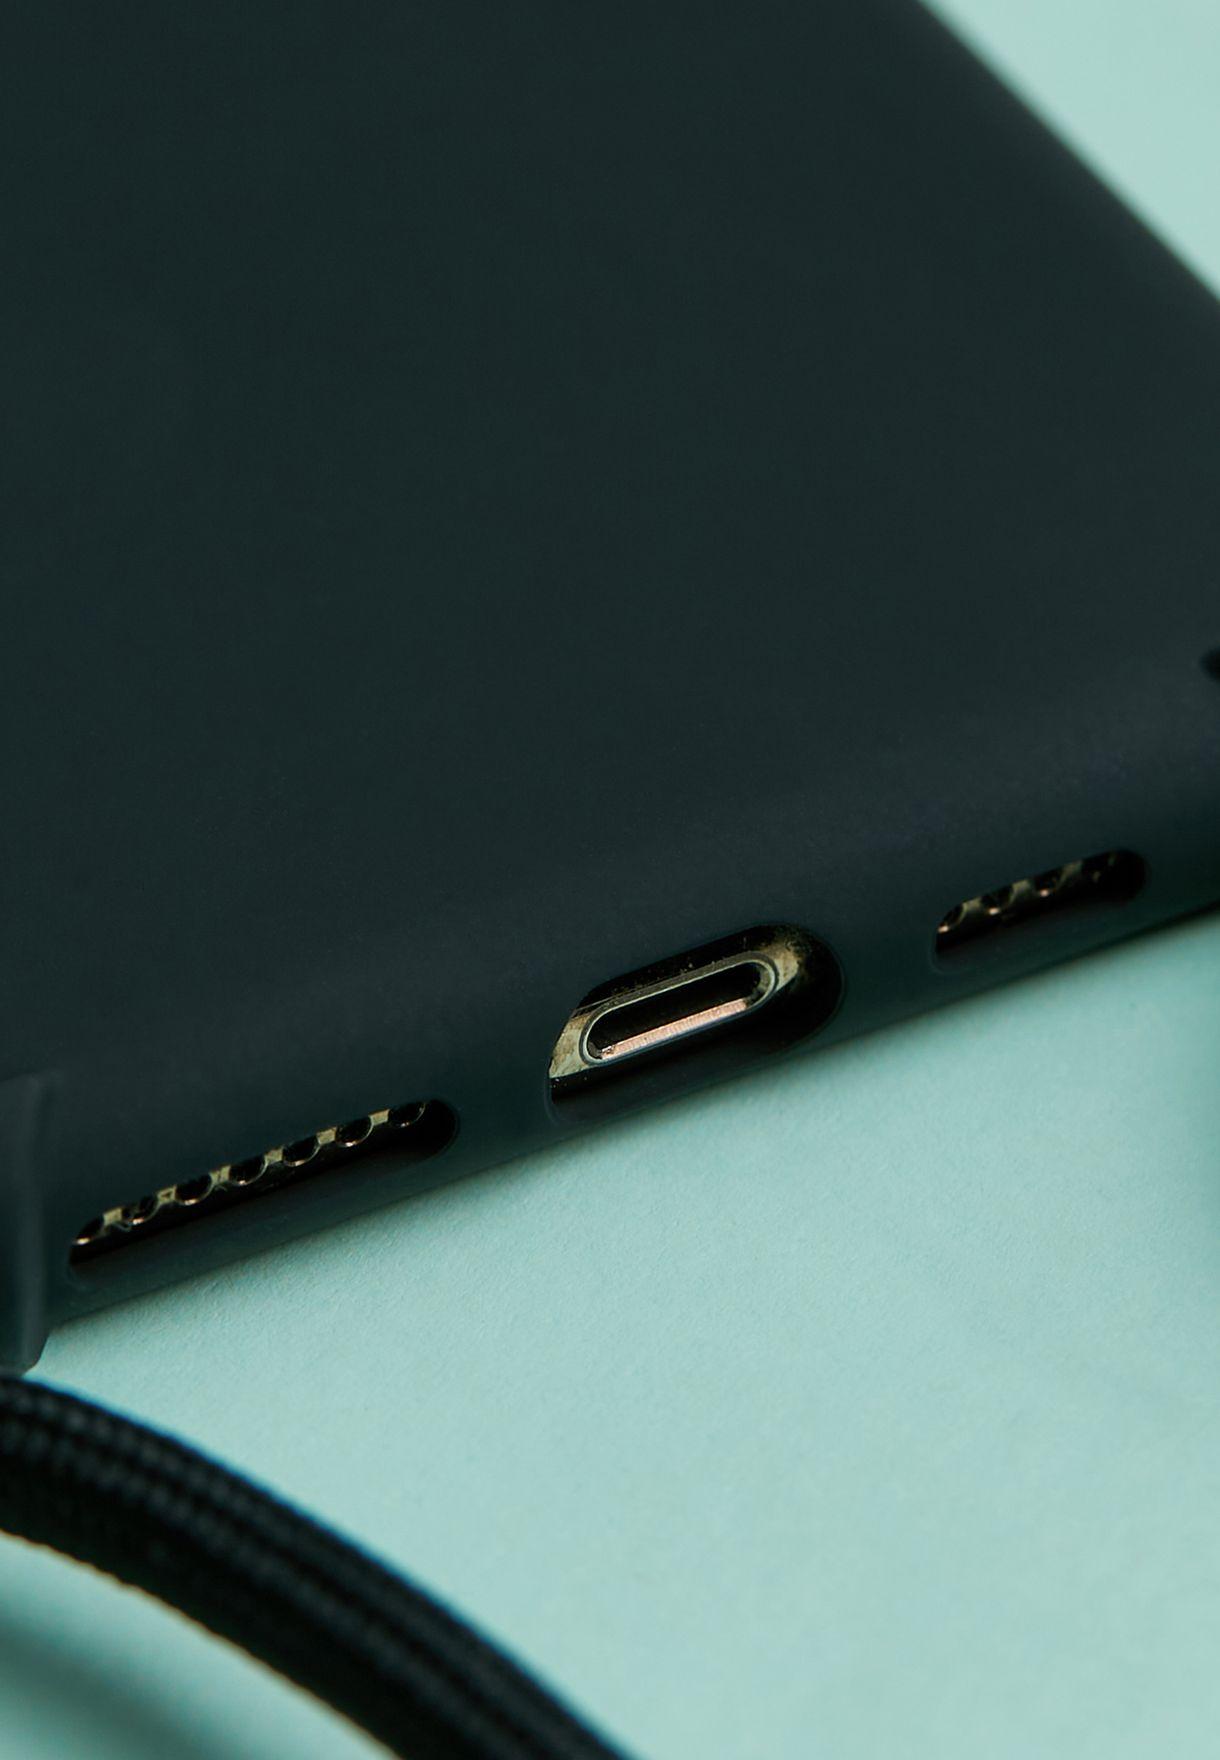 غطاء حماية واقي لهاتف آيفون 11 برو ماكس